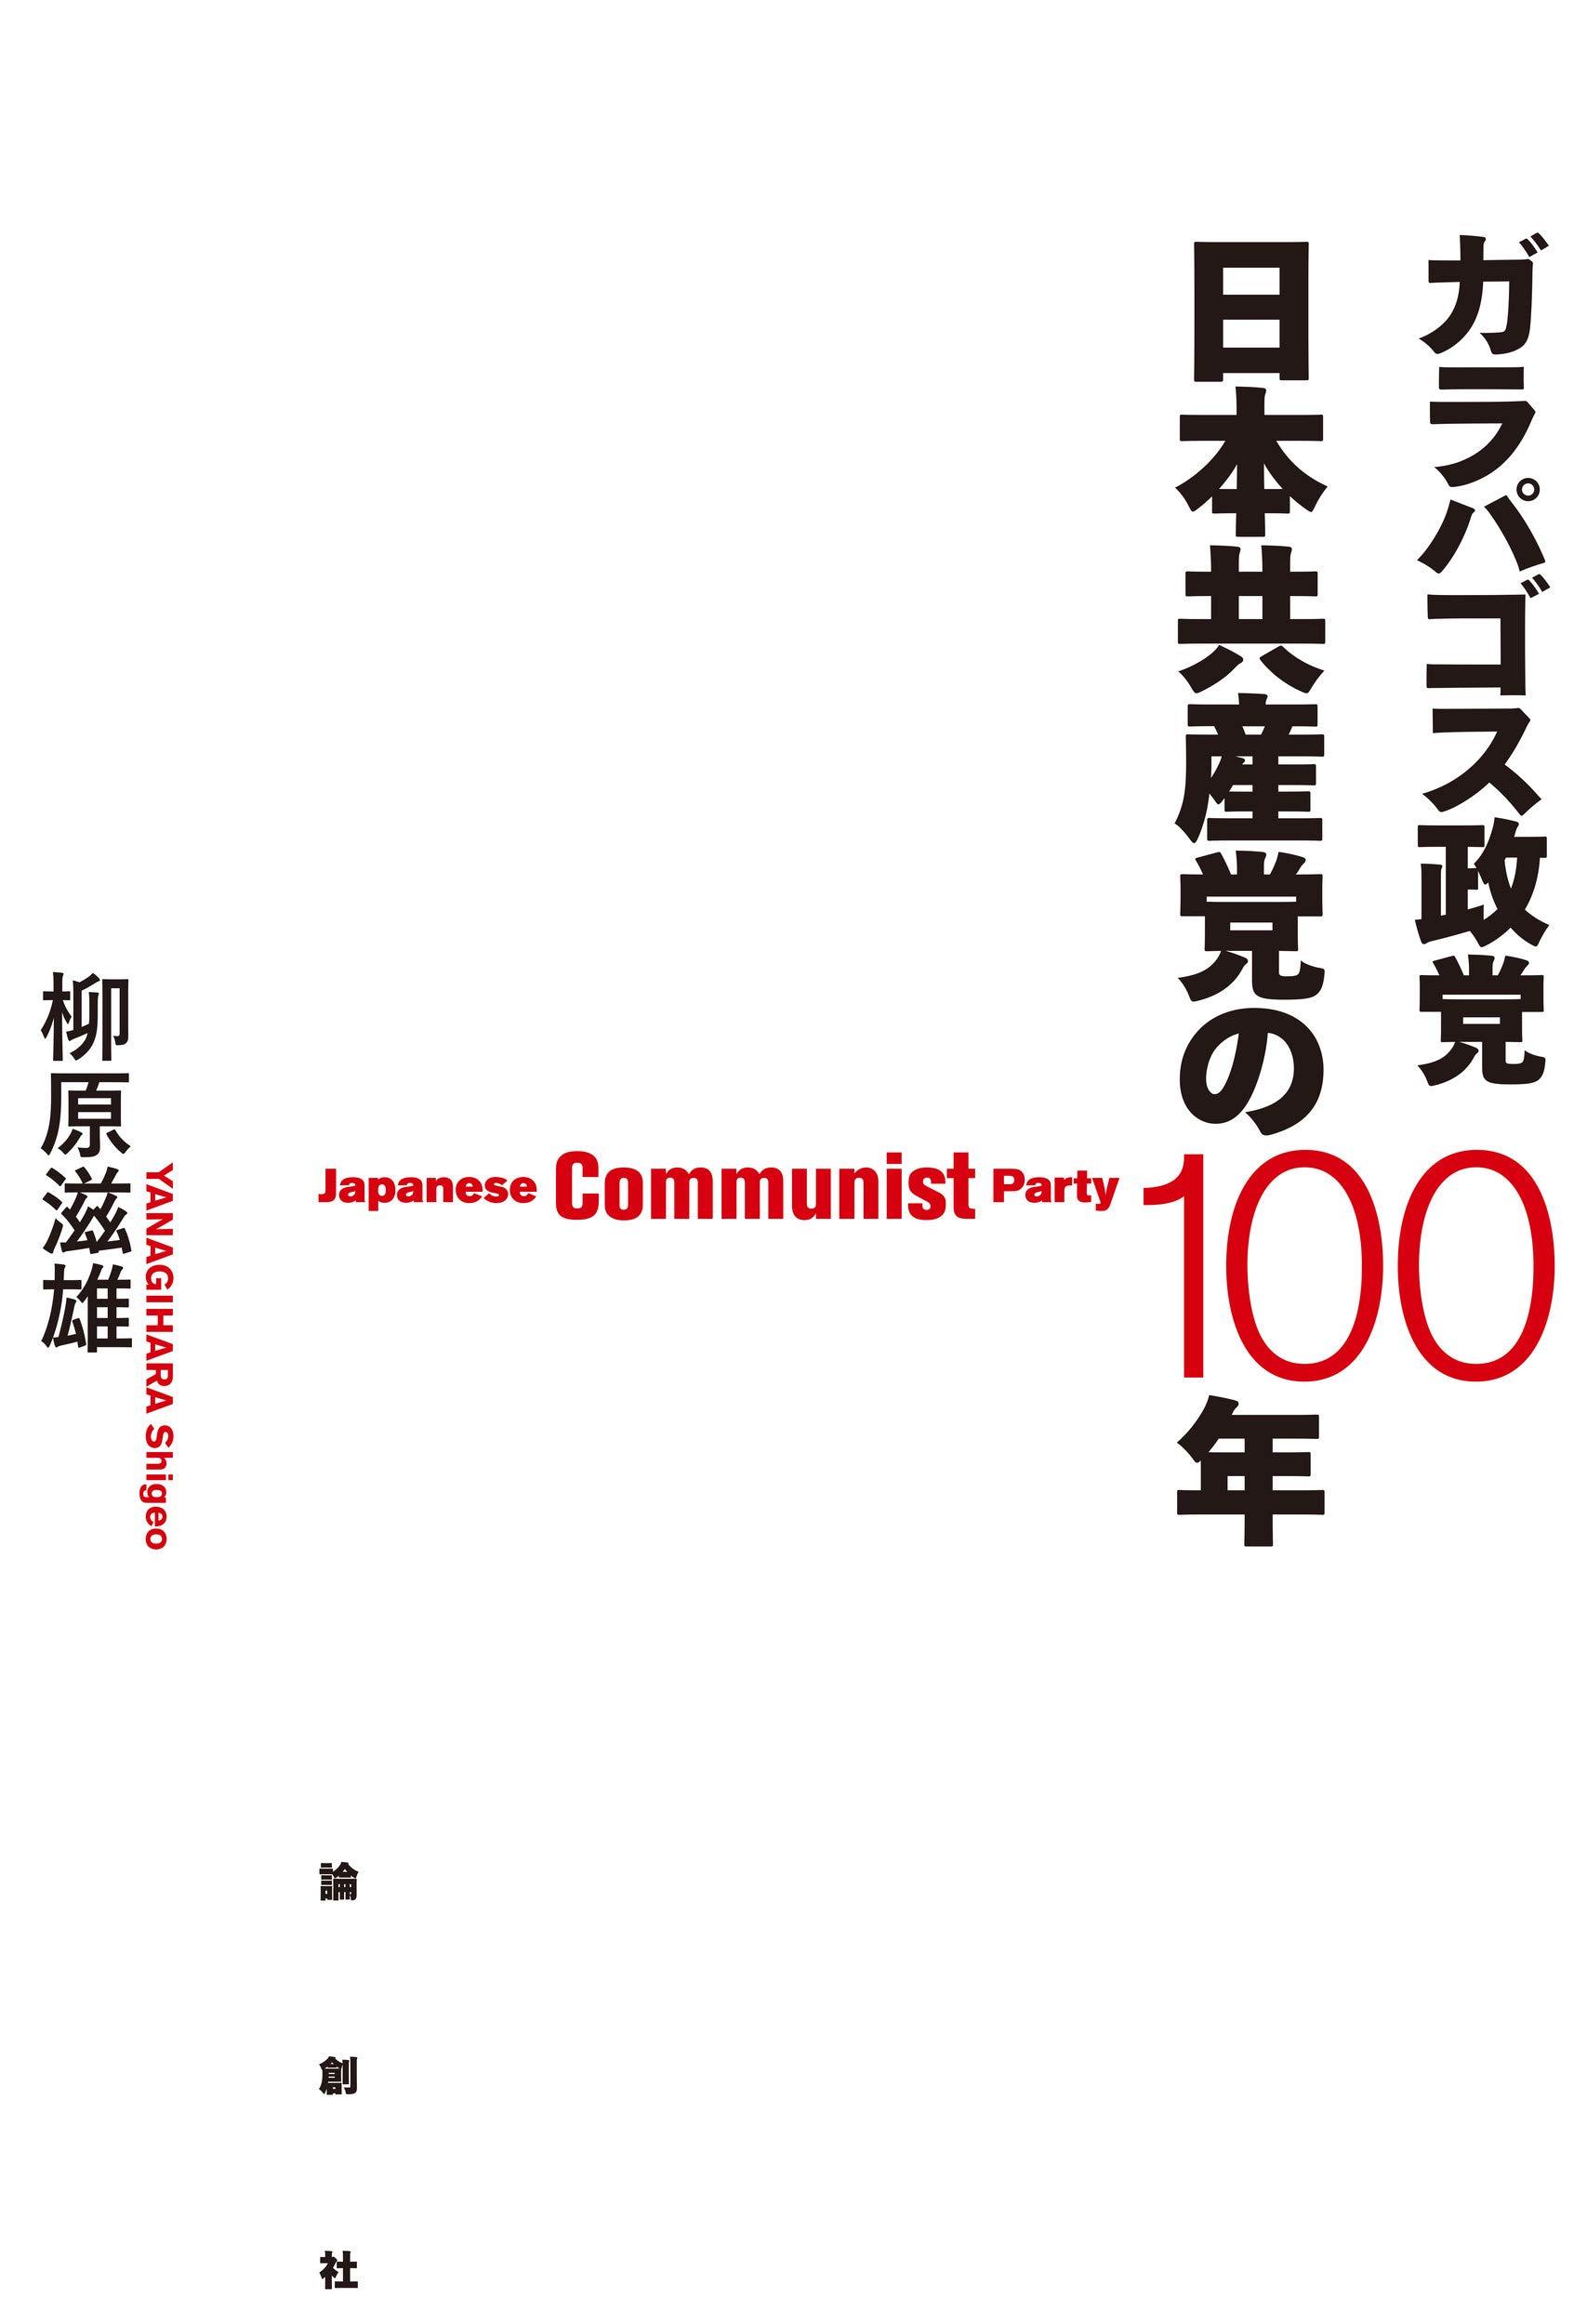 『ガラパゴス政党 日本共産党の100年』